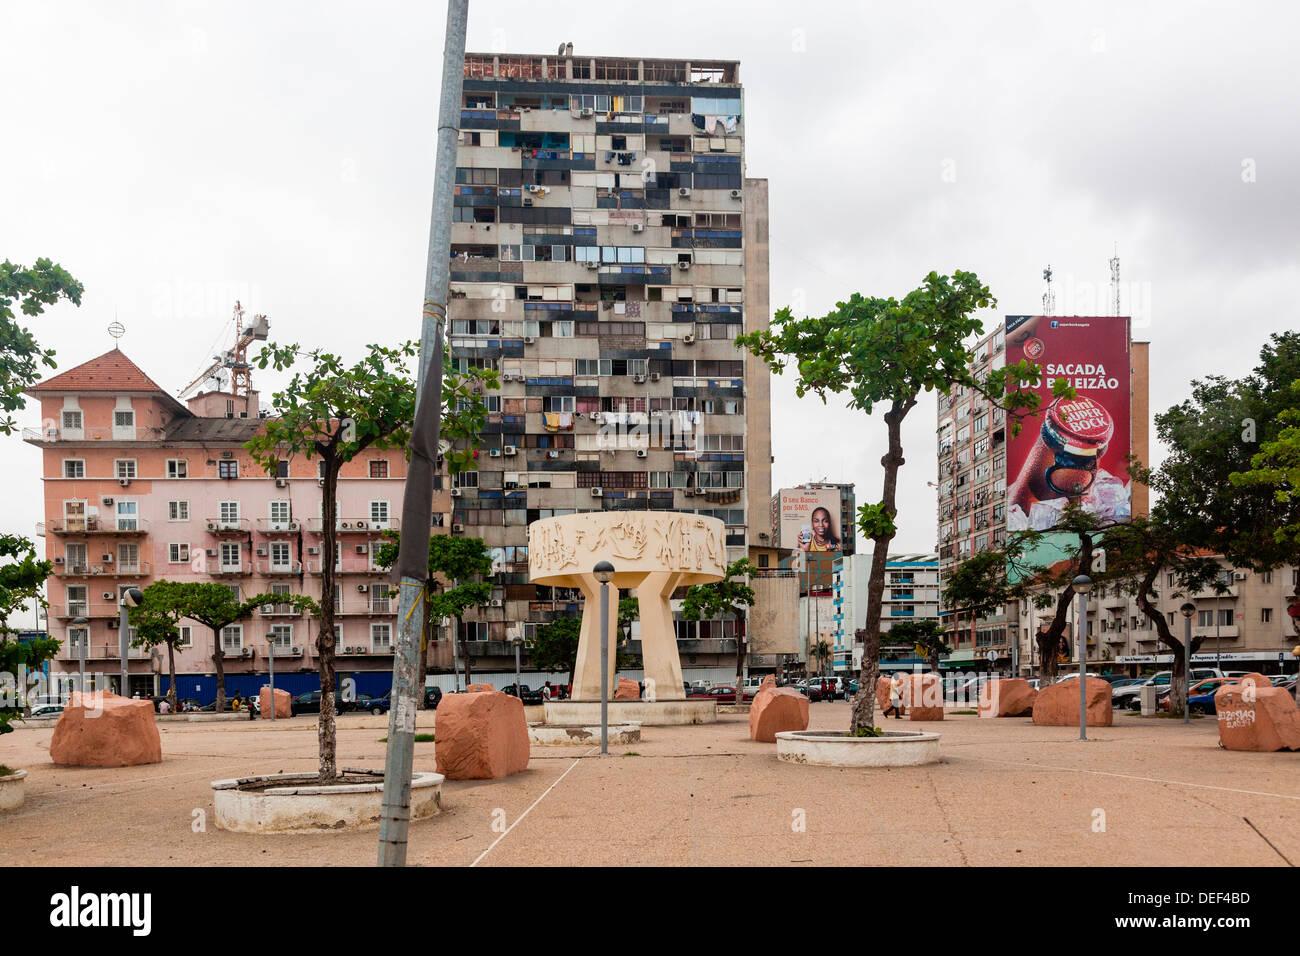 Africa, Angola, Luanda. Monument at the Largo do Baleizao. - Stock Image